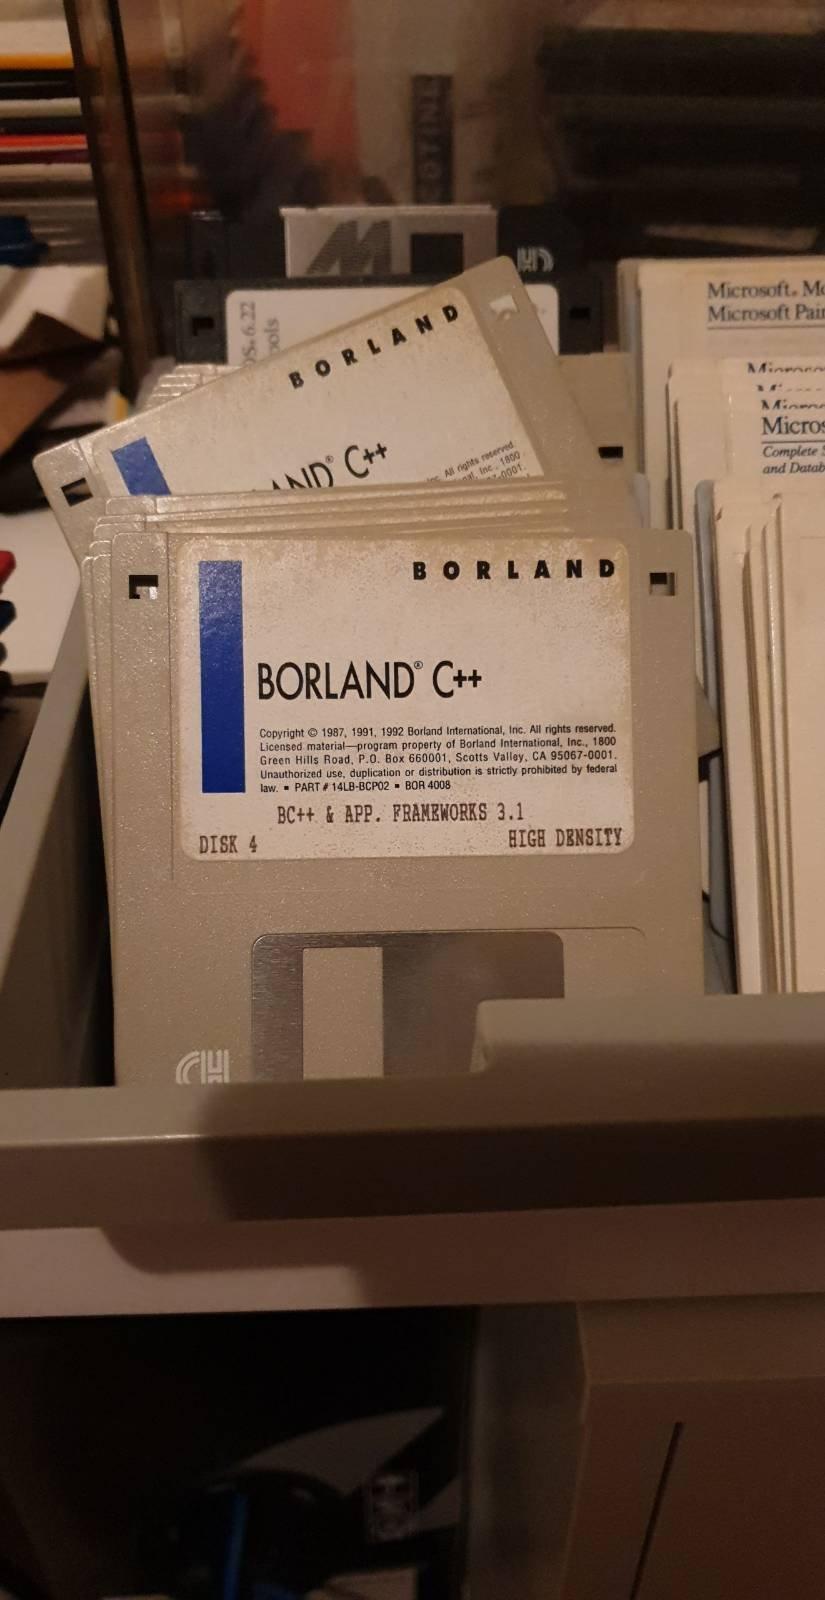 Borland C++ install media